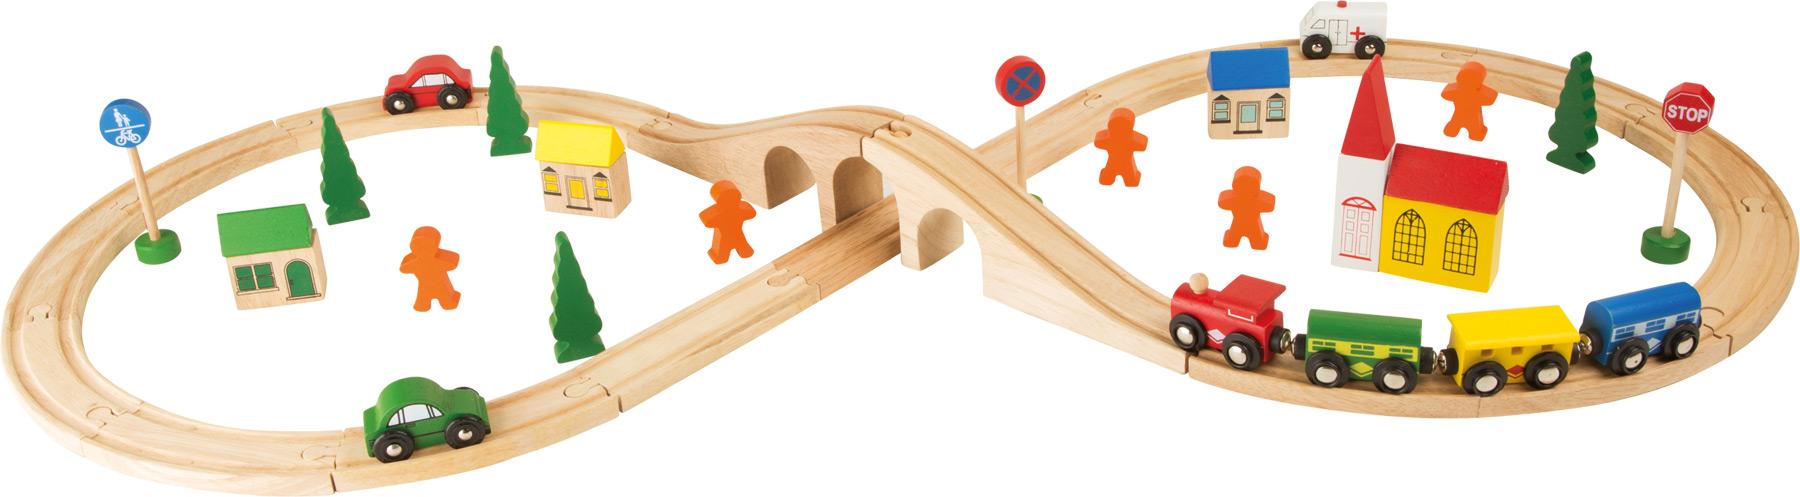 Chemin de fer En huit